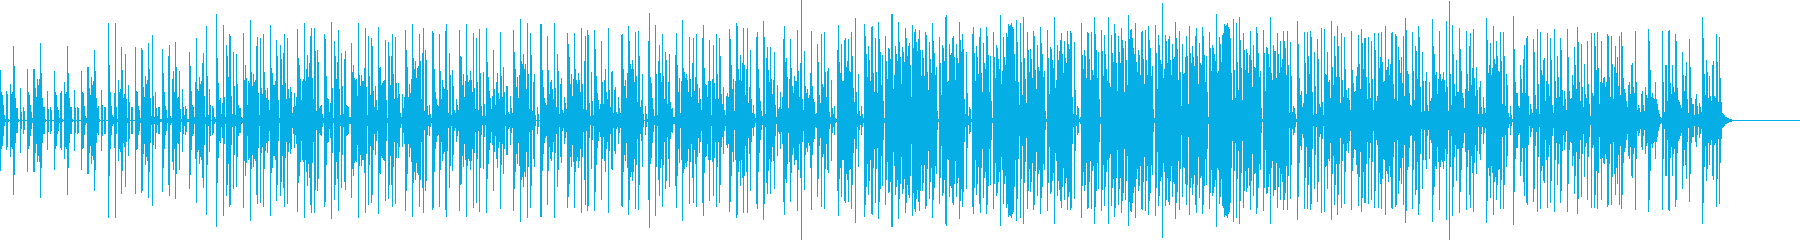 ドラムロールM クイズBGM スネアの再生済みの波形